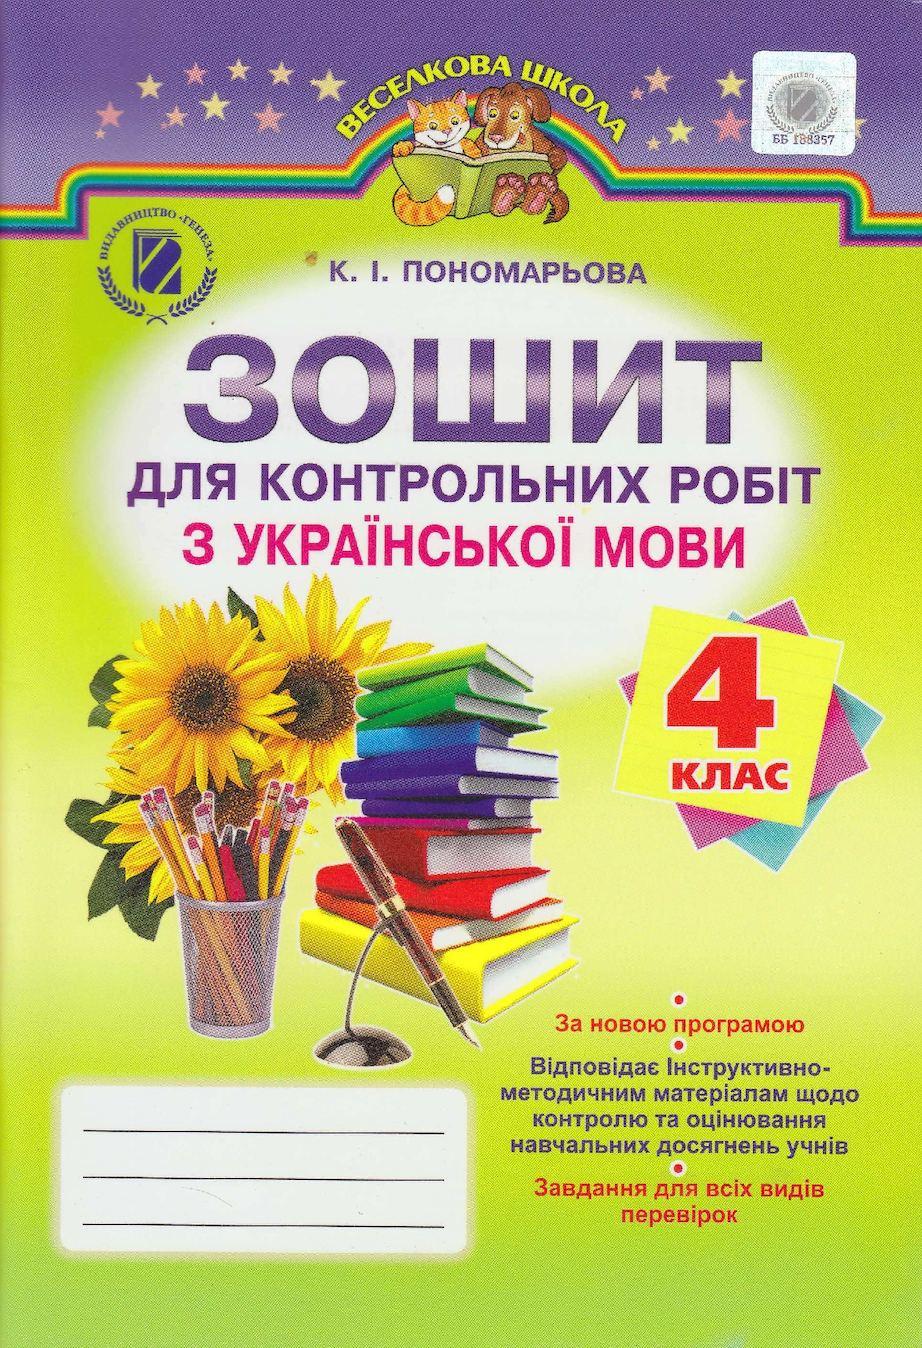 6027_Зошит для контрольних робіт з української мови 4 клас.